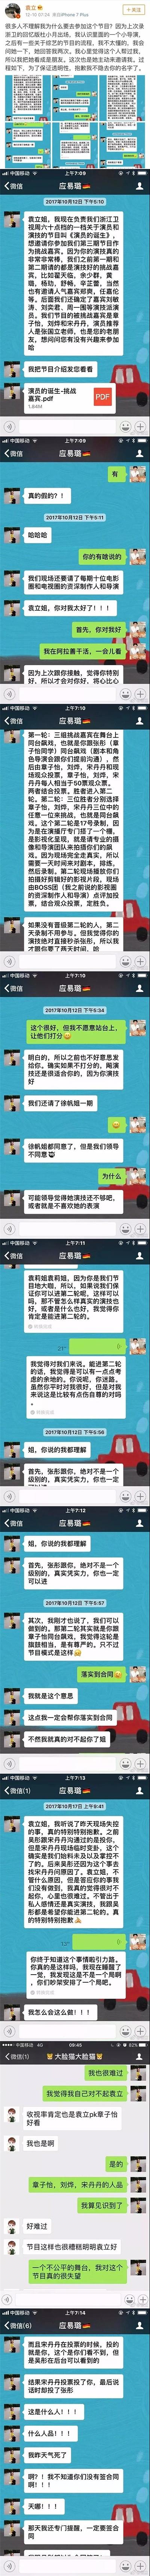 袁立曝《演员的诞生》惊天内幕 狂发文炮轰节目组